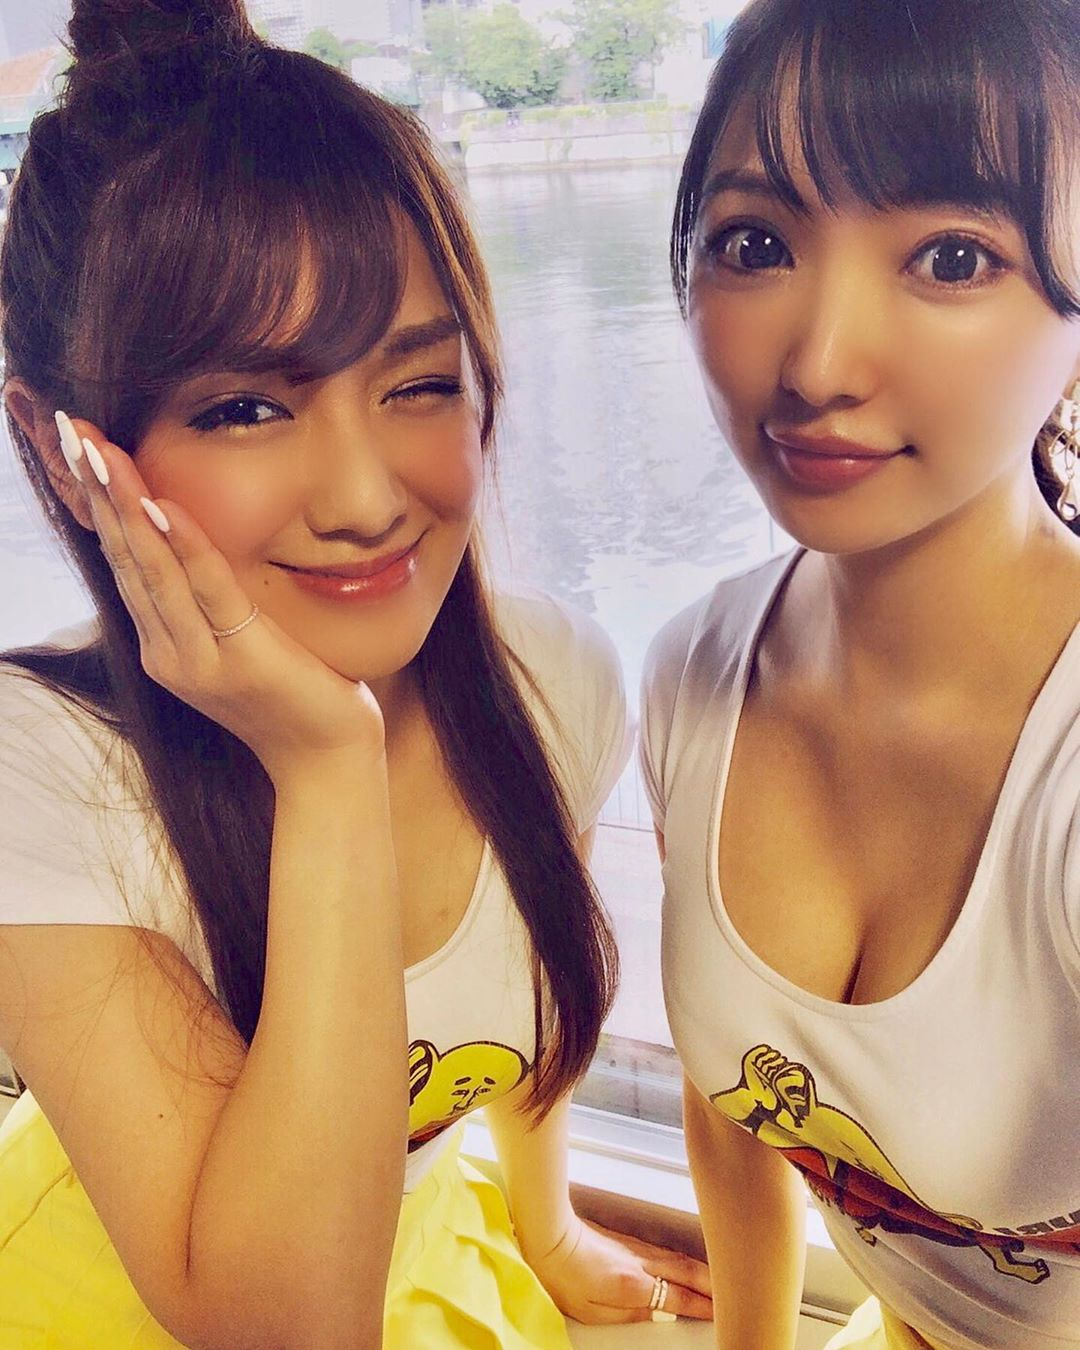 eiki_asuka148.jpg